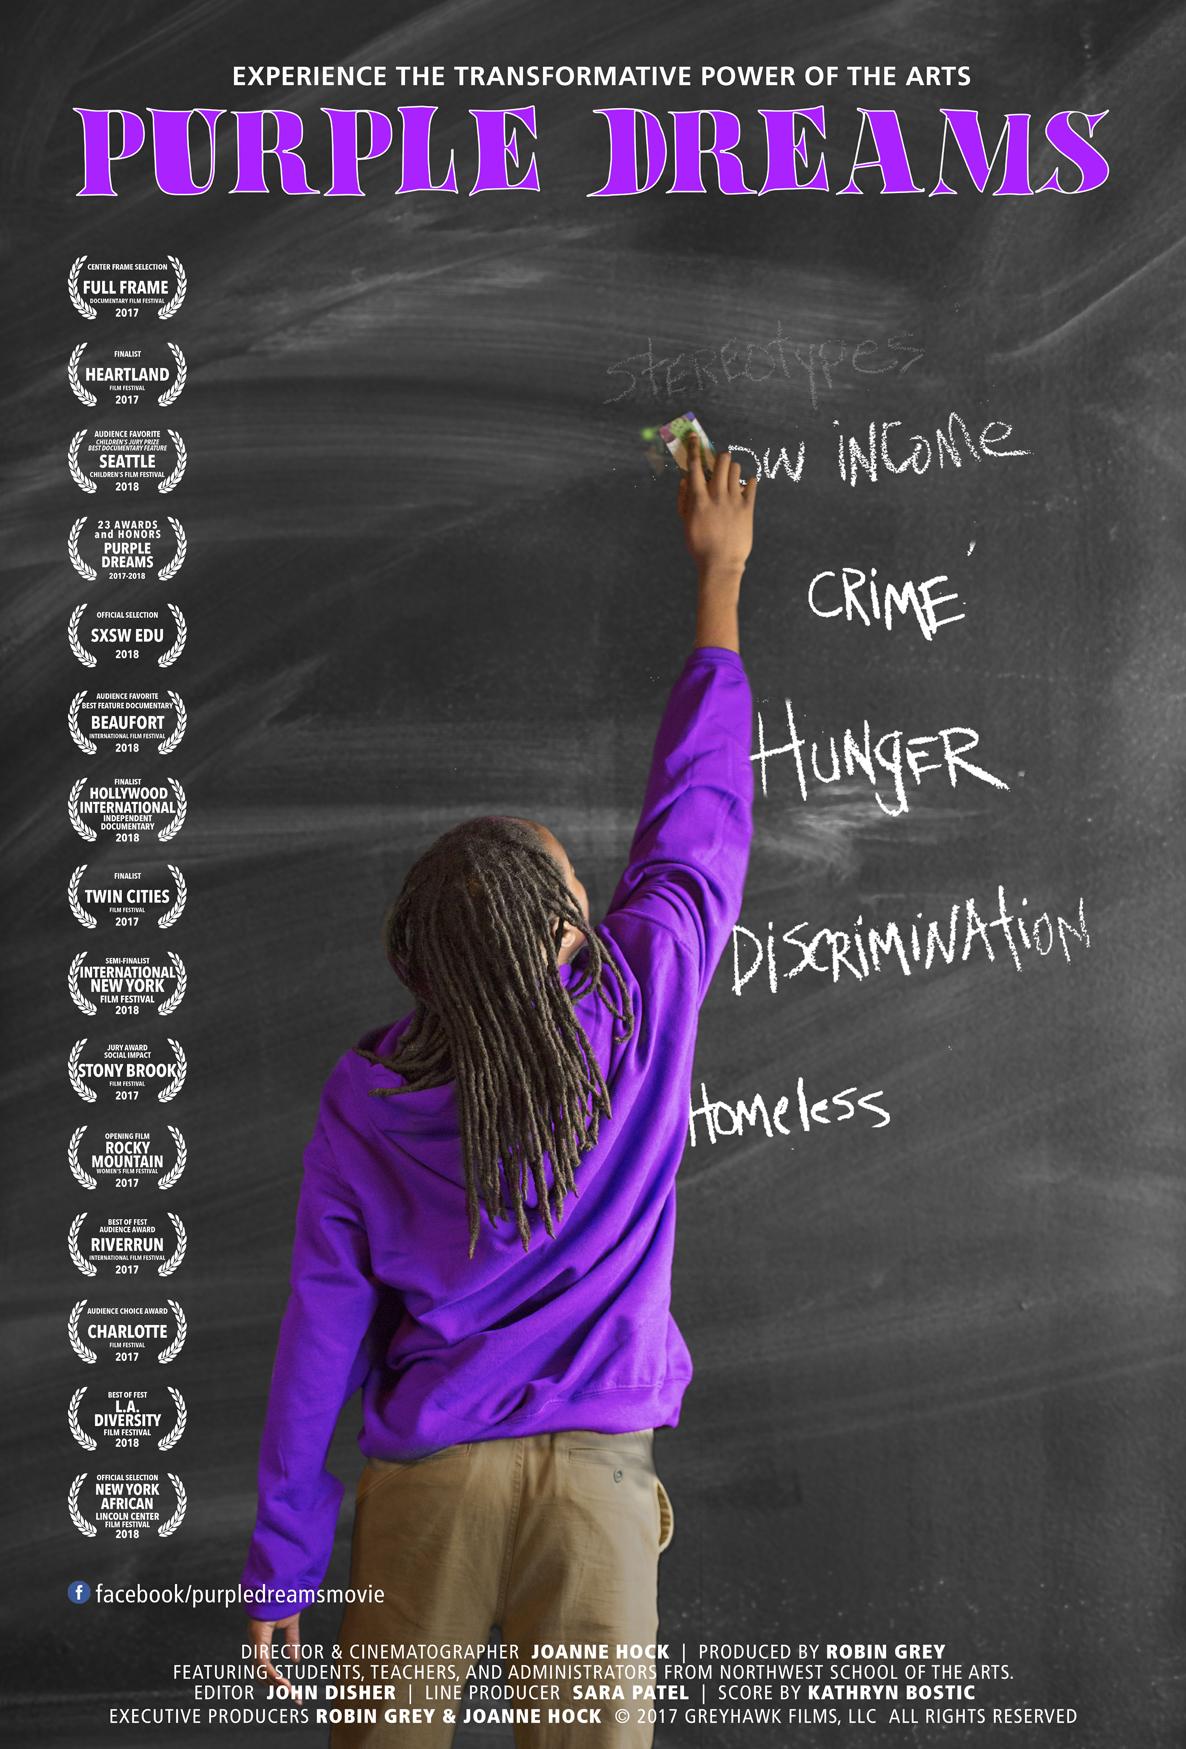 Joanne Hock, Joanne Hock Films, Director, Purple Dreams, Documentary, Award Winning Documentary